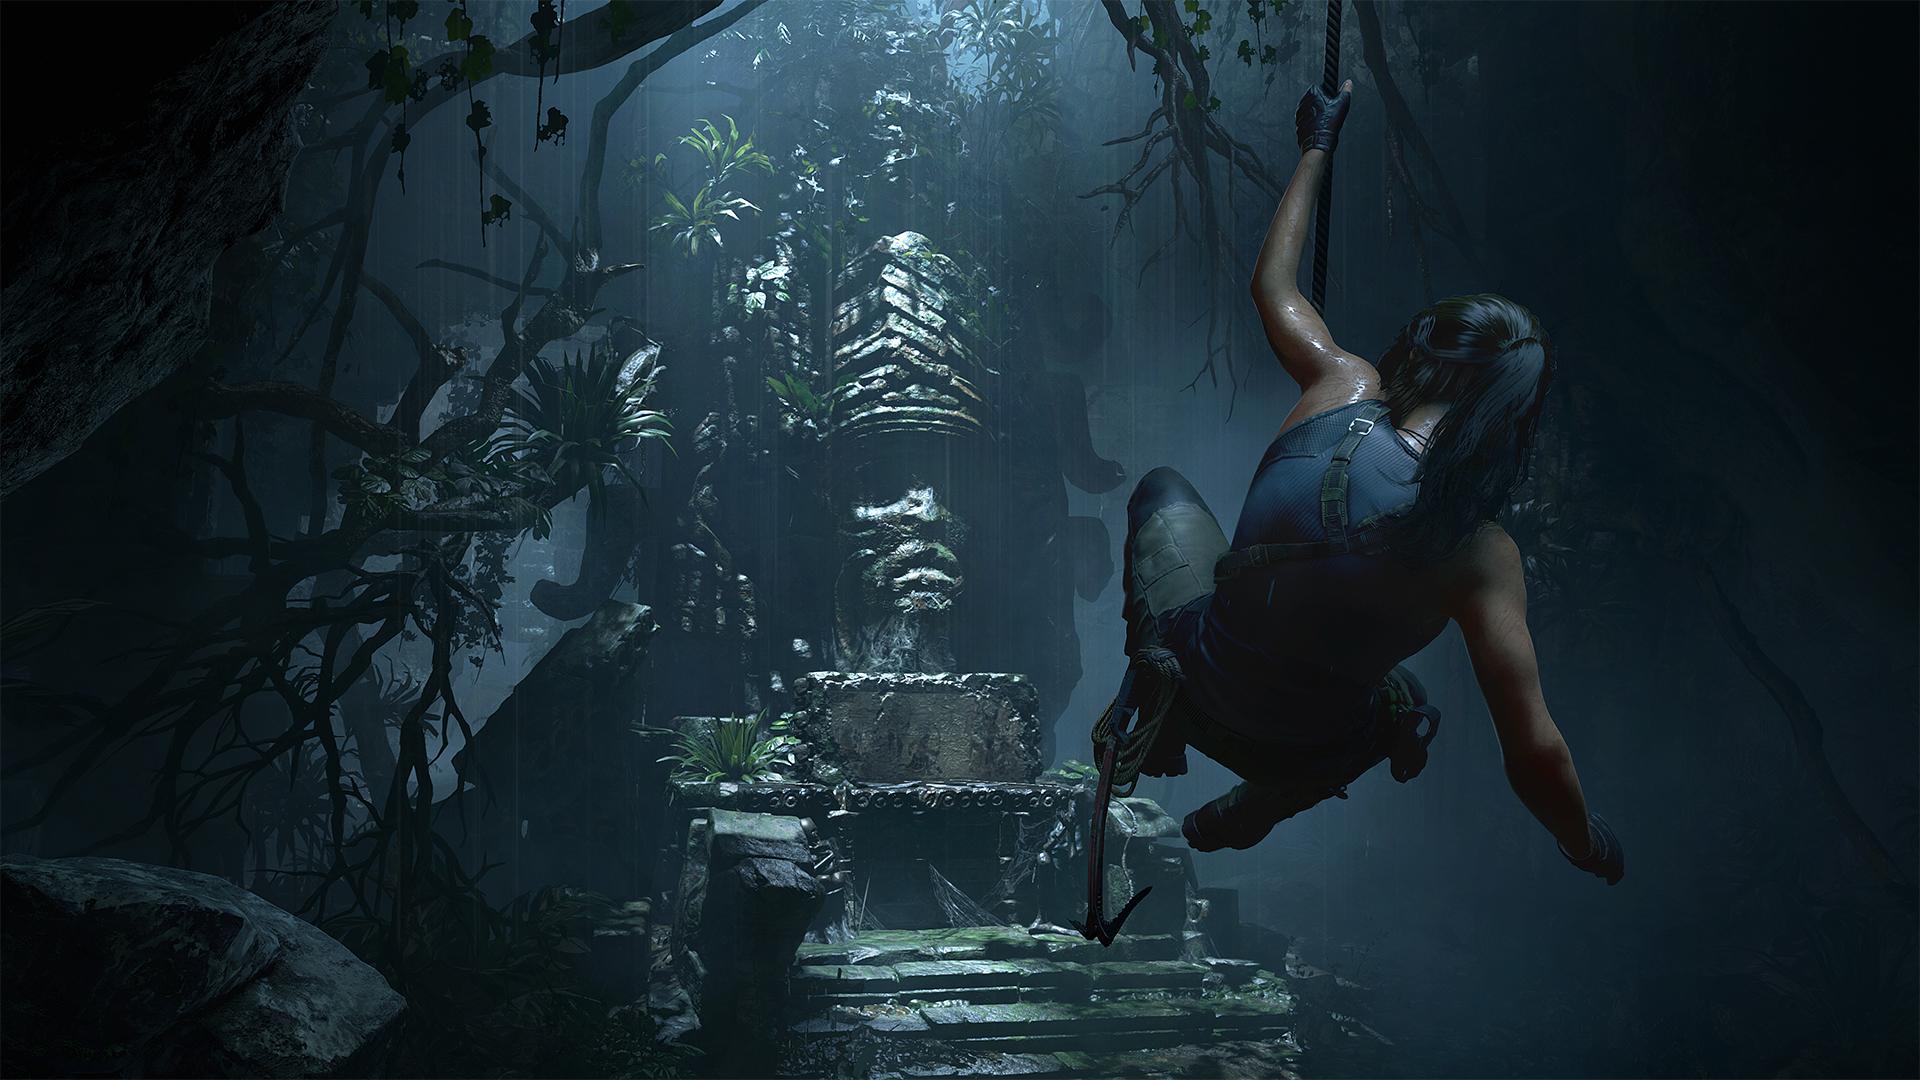 В трейлере Shadow of the Tomb Raider показали, что игрокам делать водой